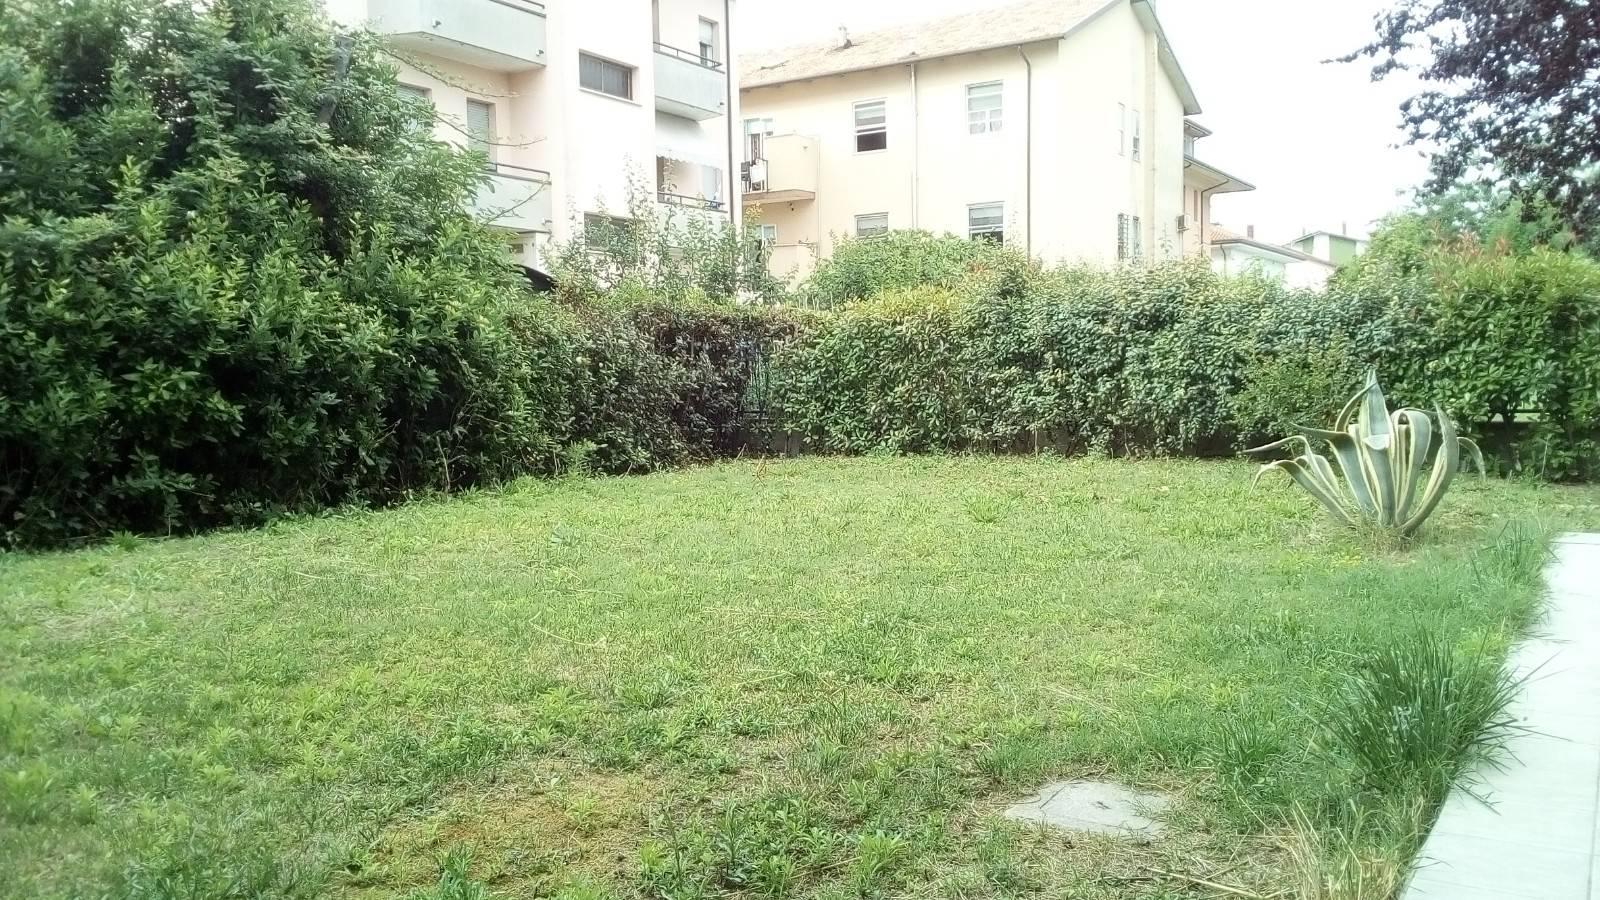 Appartamento in vendita a Rimini, 4 locali, prezzo € 320.000 | CambioCasa.it